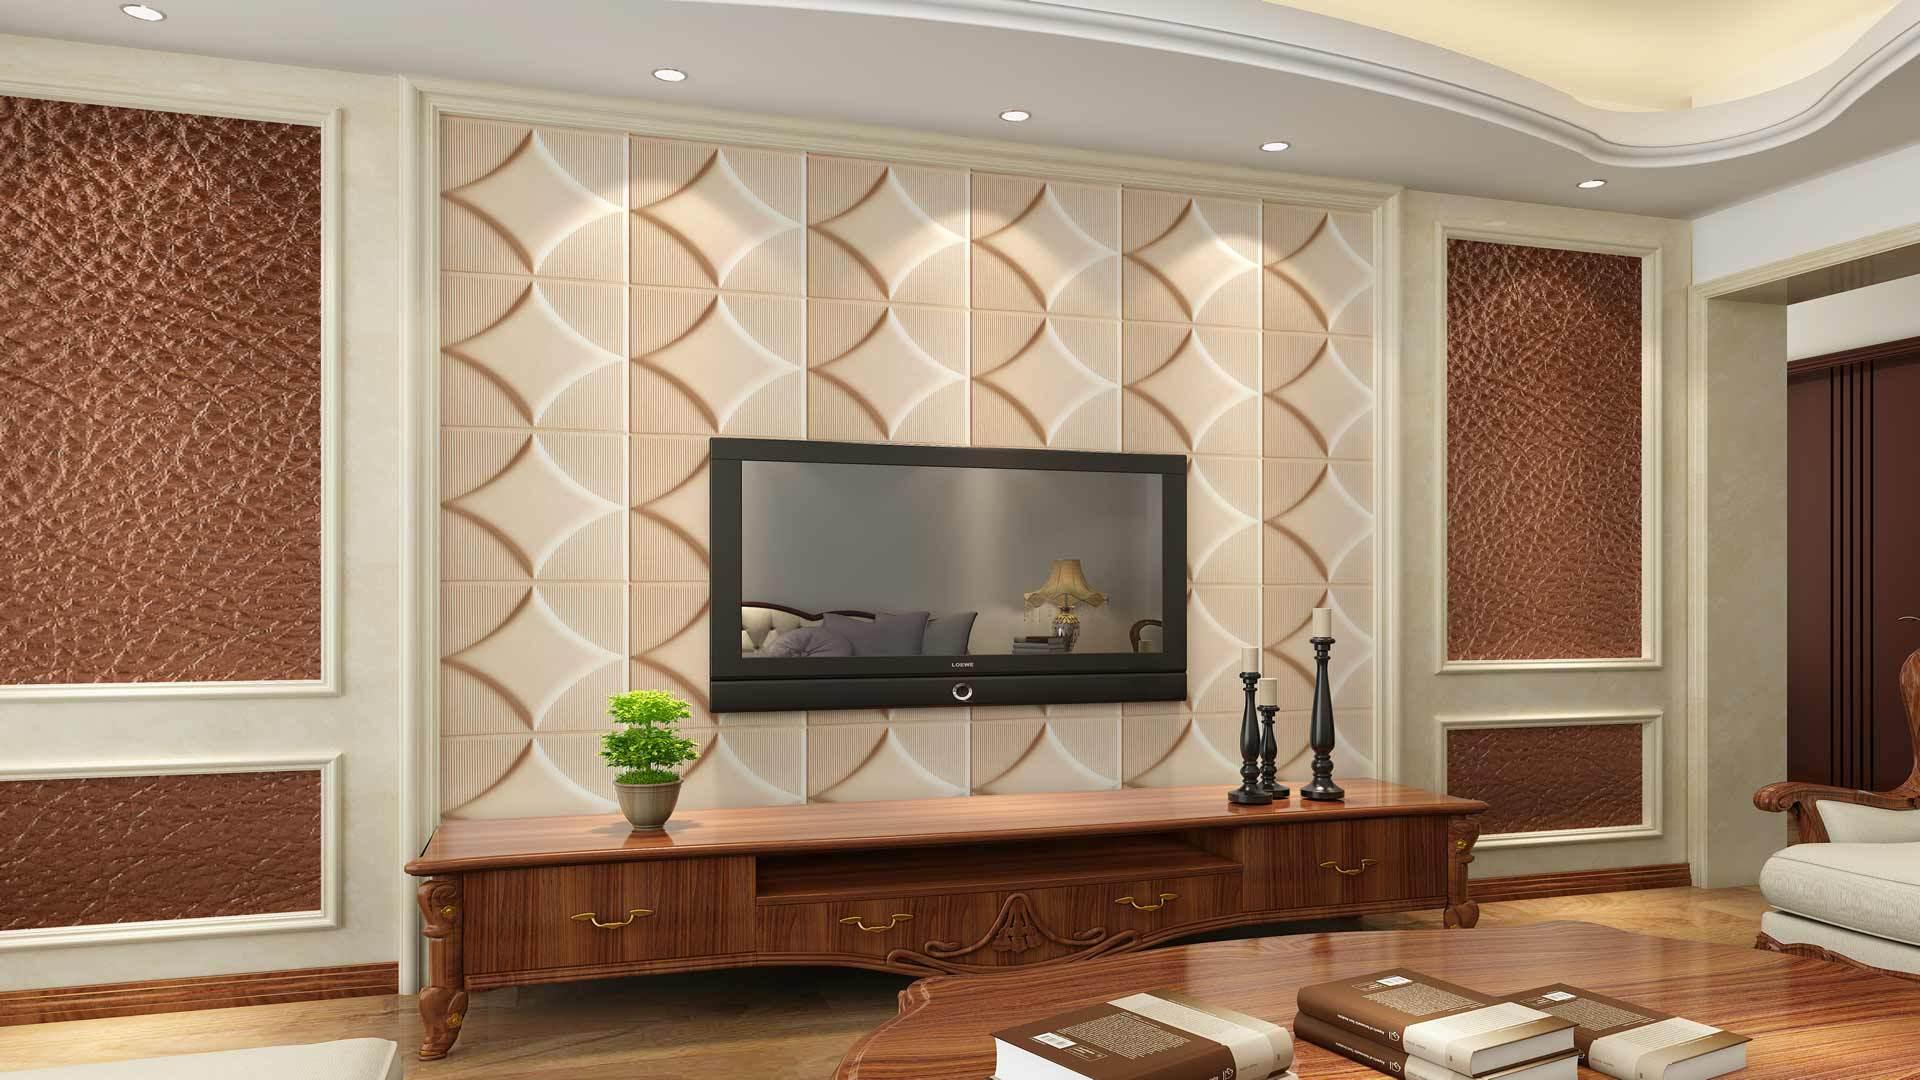 正文  在客厅装修中,电视背景墙是一个重要的装修区域,电视背景墙设计